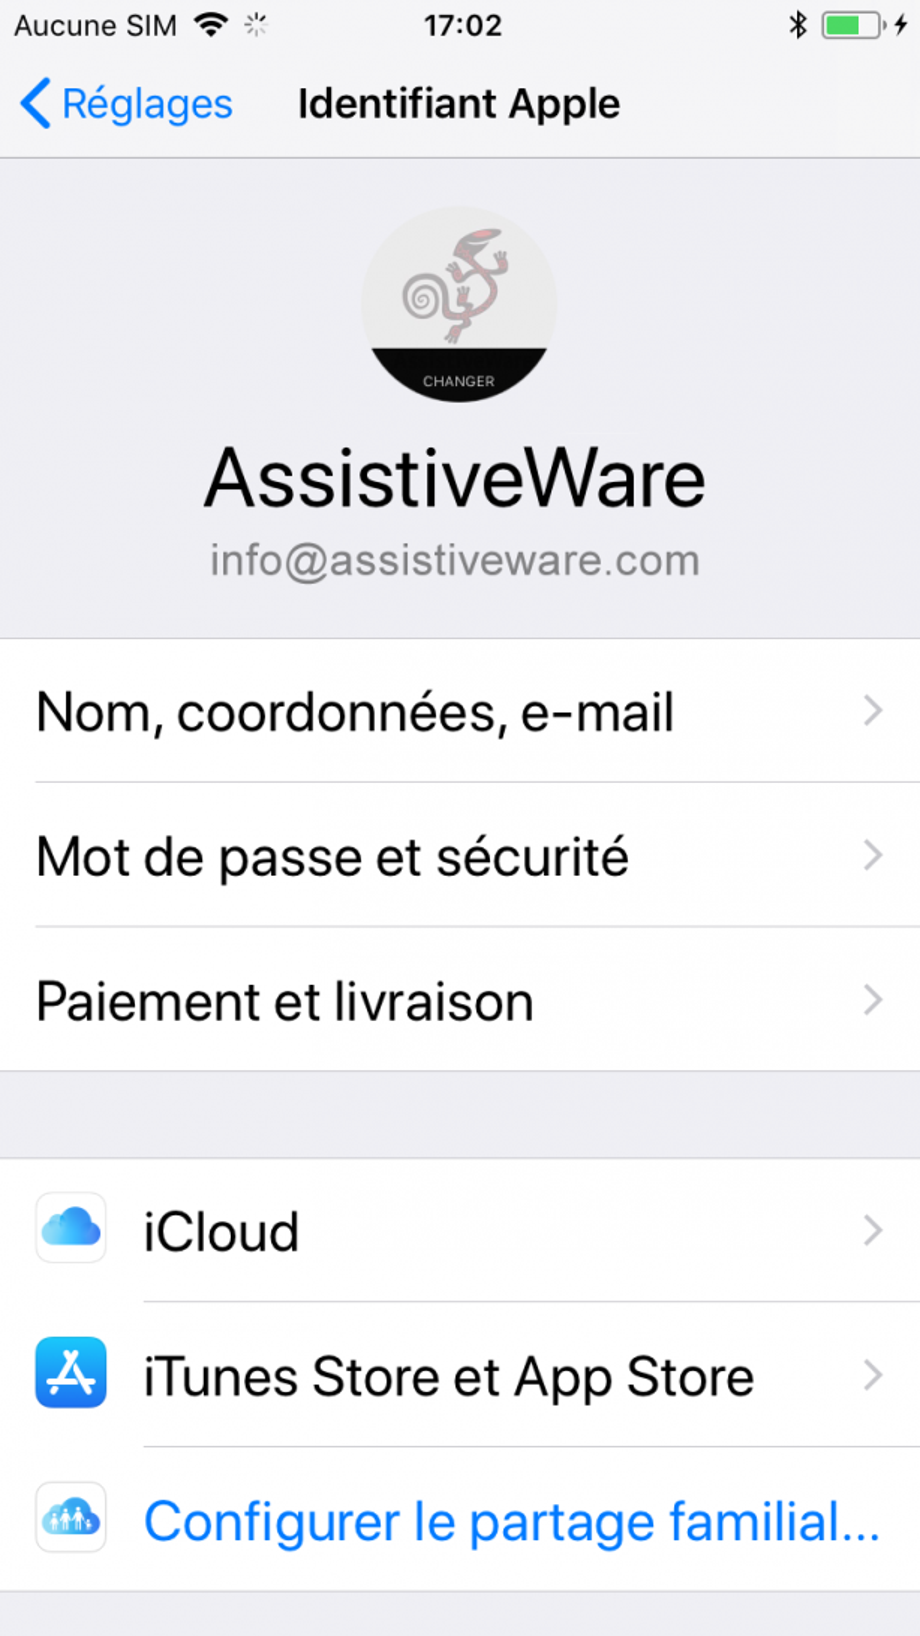 Réglages de l'Apple ID dans les réglages de l'appareil